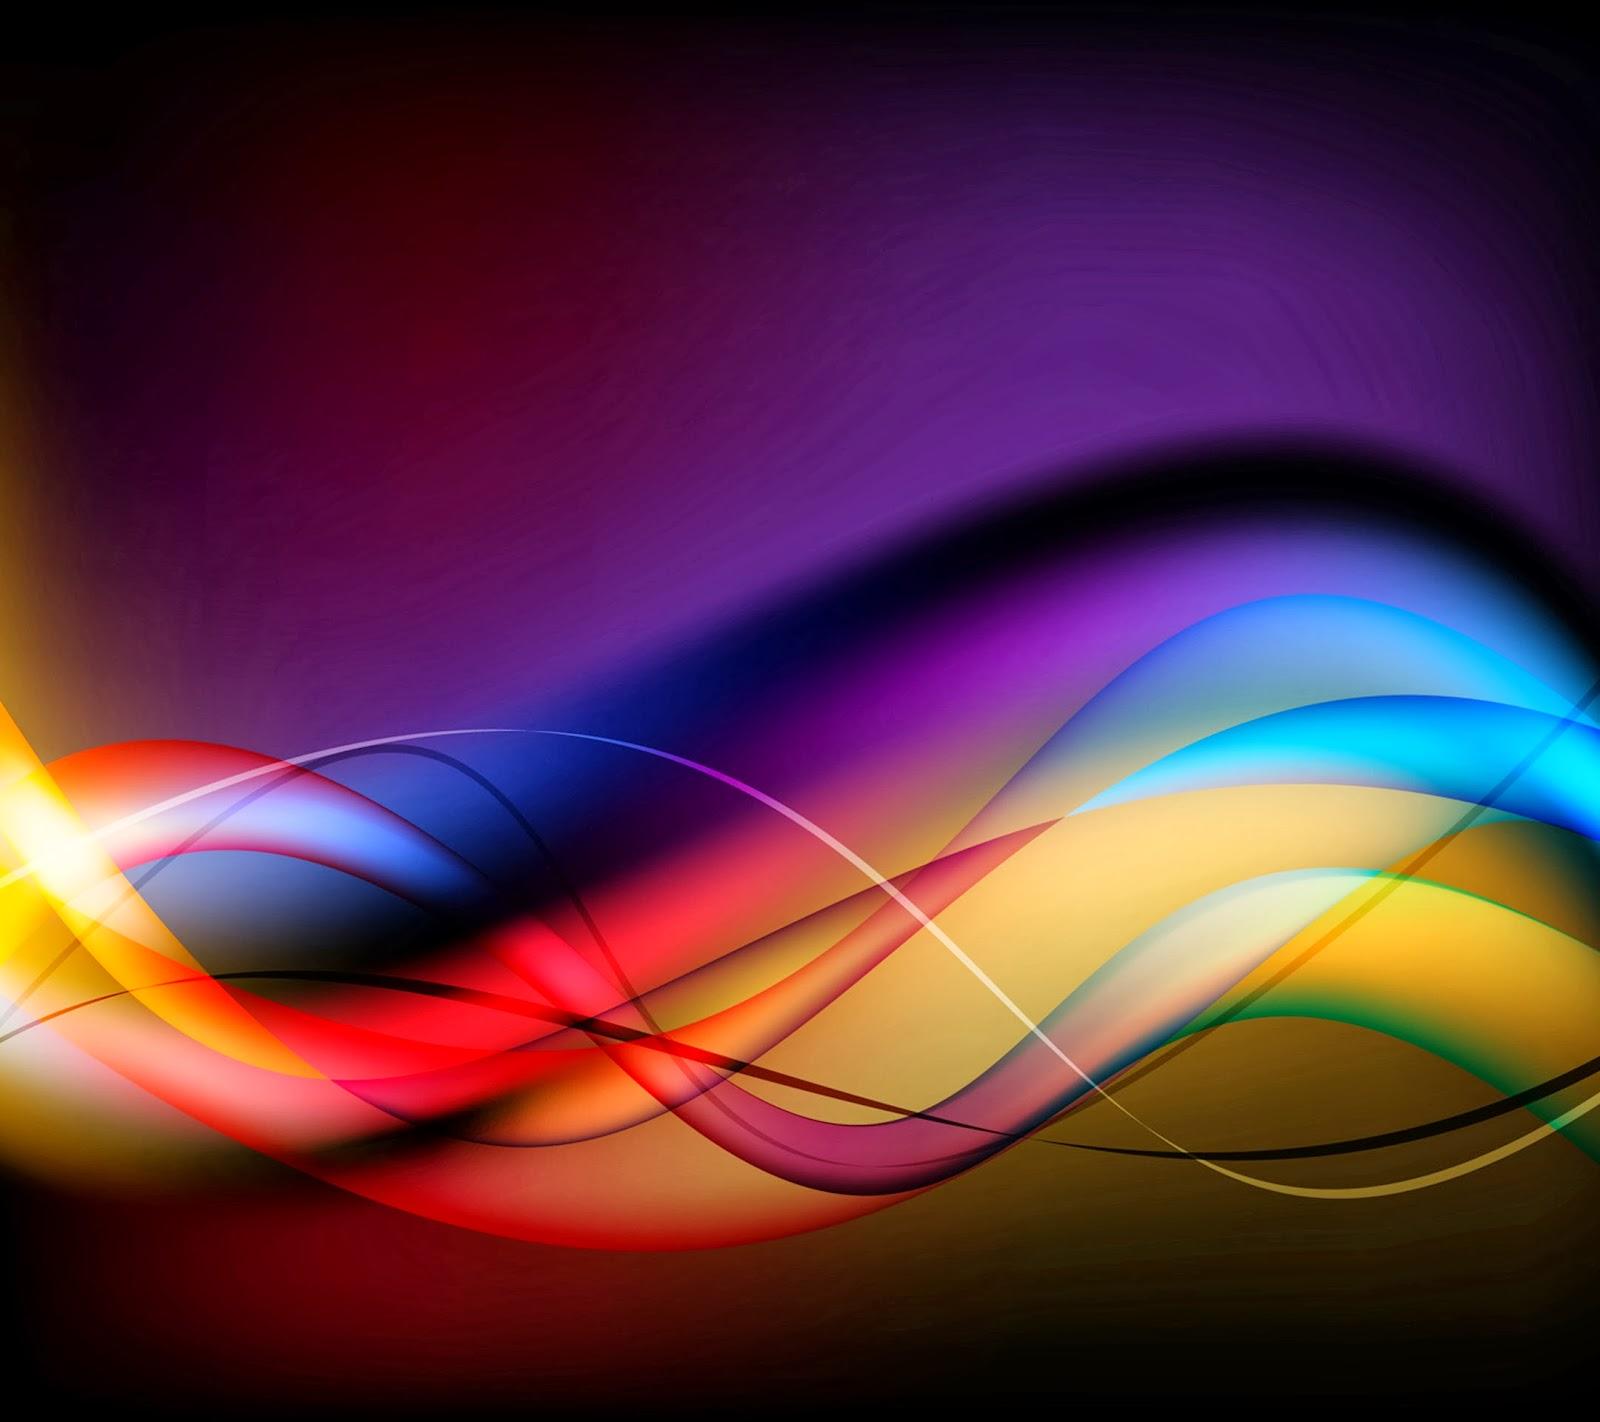 Da vertumus 13 interessanti e colorati wallpaper per il for Sfondi cellulare samsung galaxy